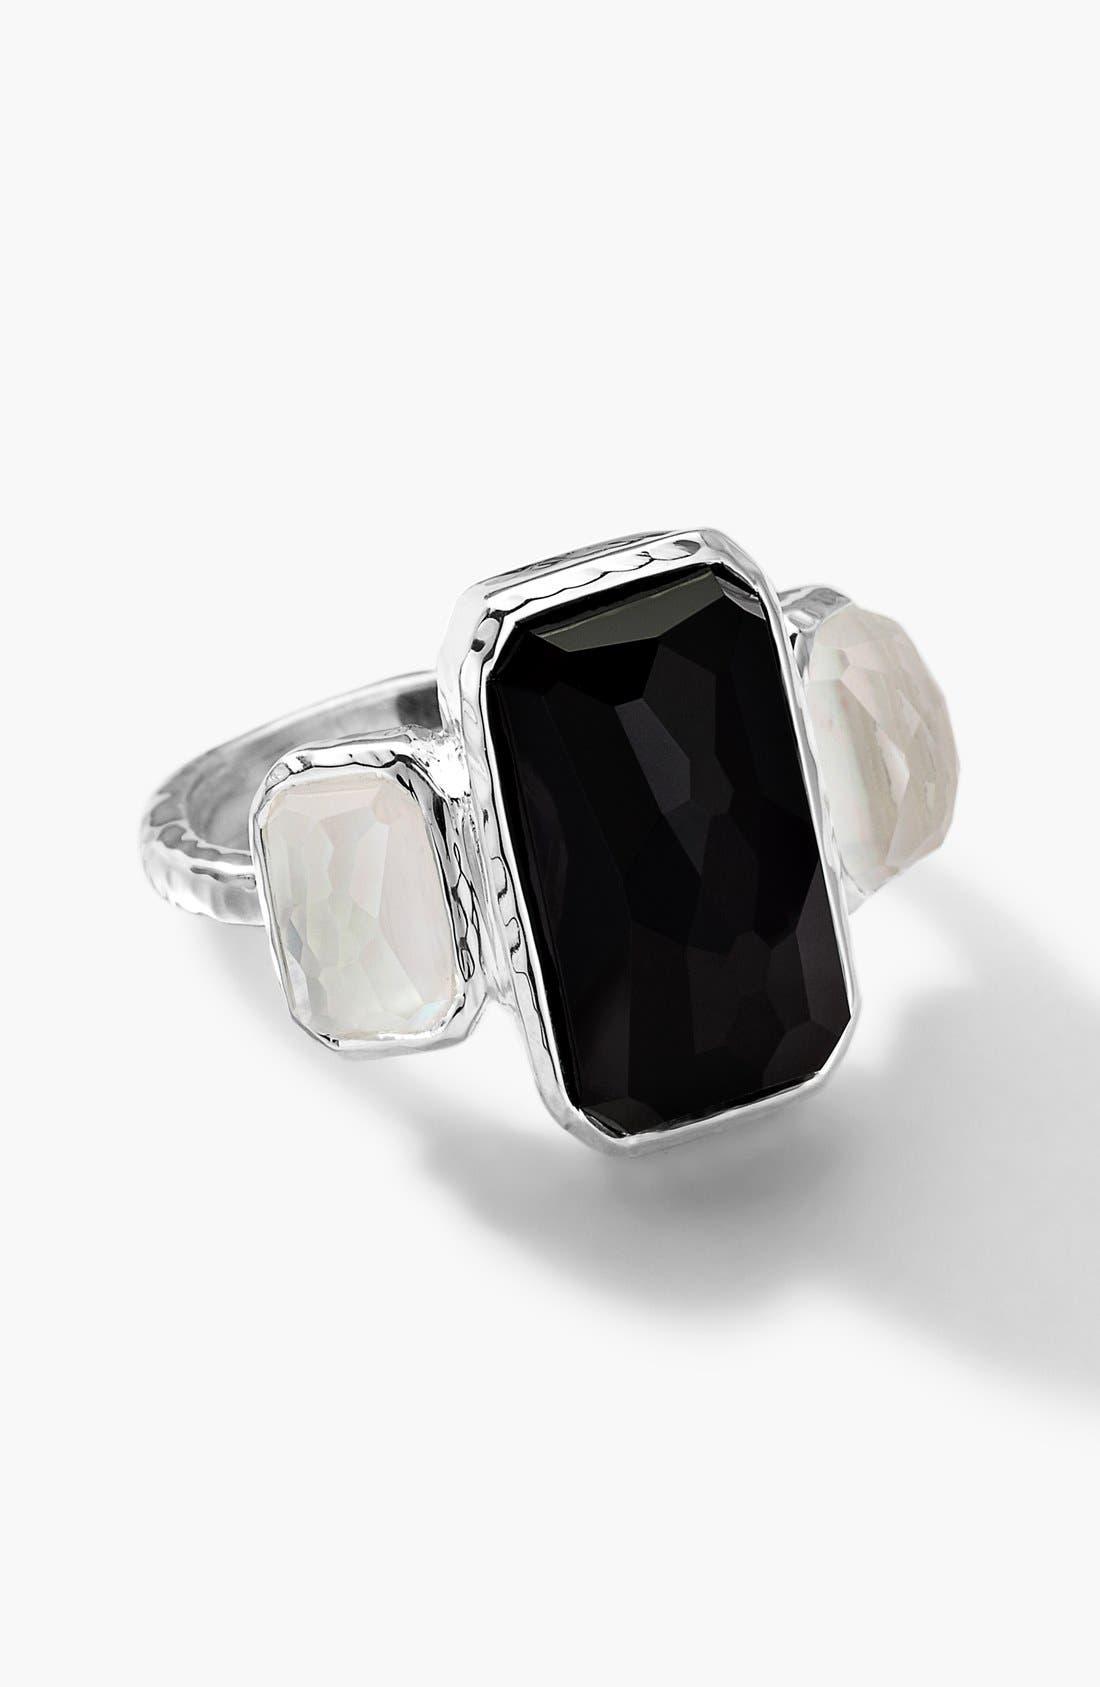 Main Image - Ippolita 'Wonderland' Three Stone Ring